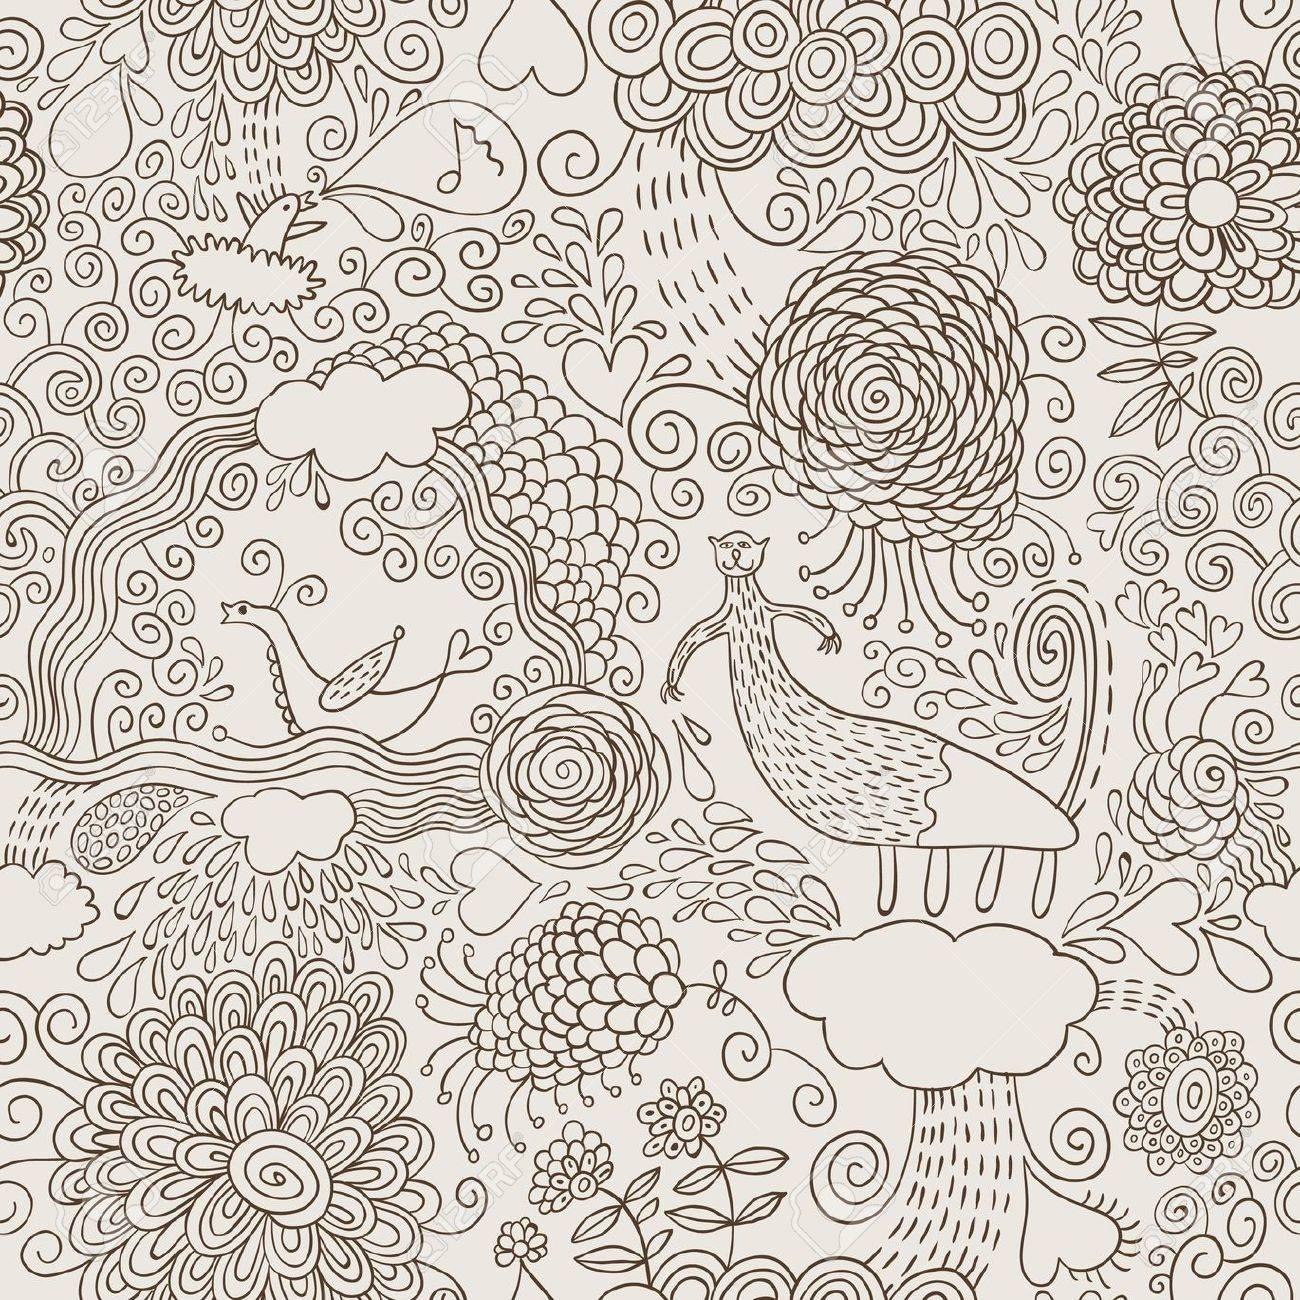 hand draw doodles Stock Vector - 10346809